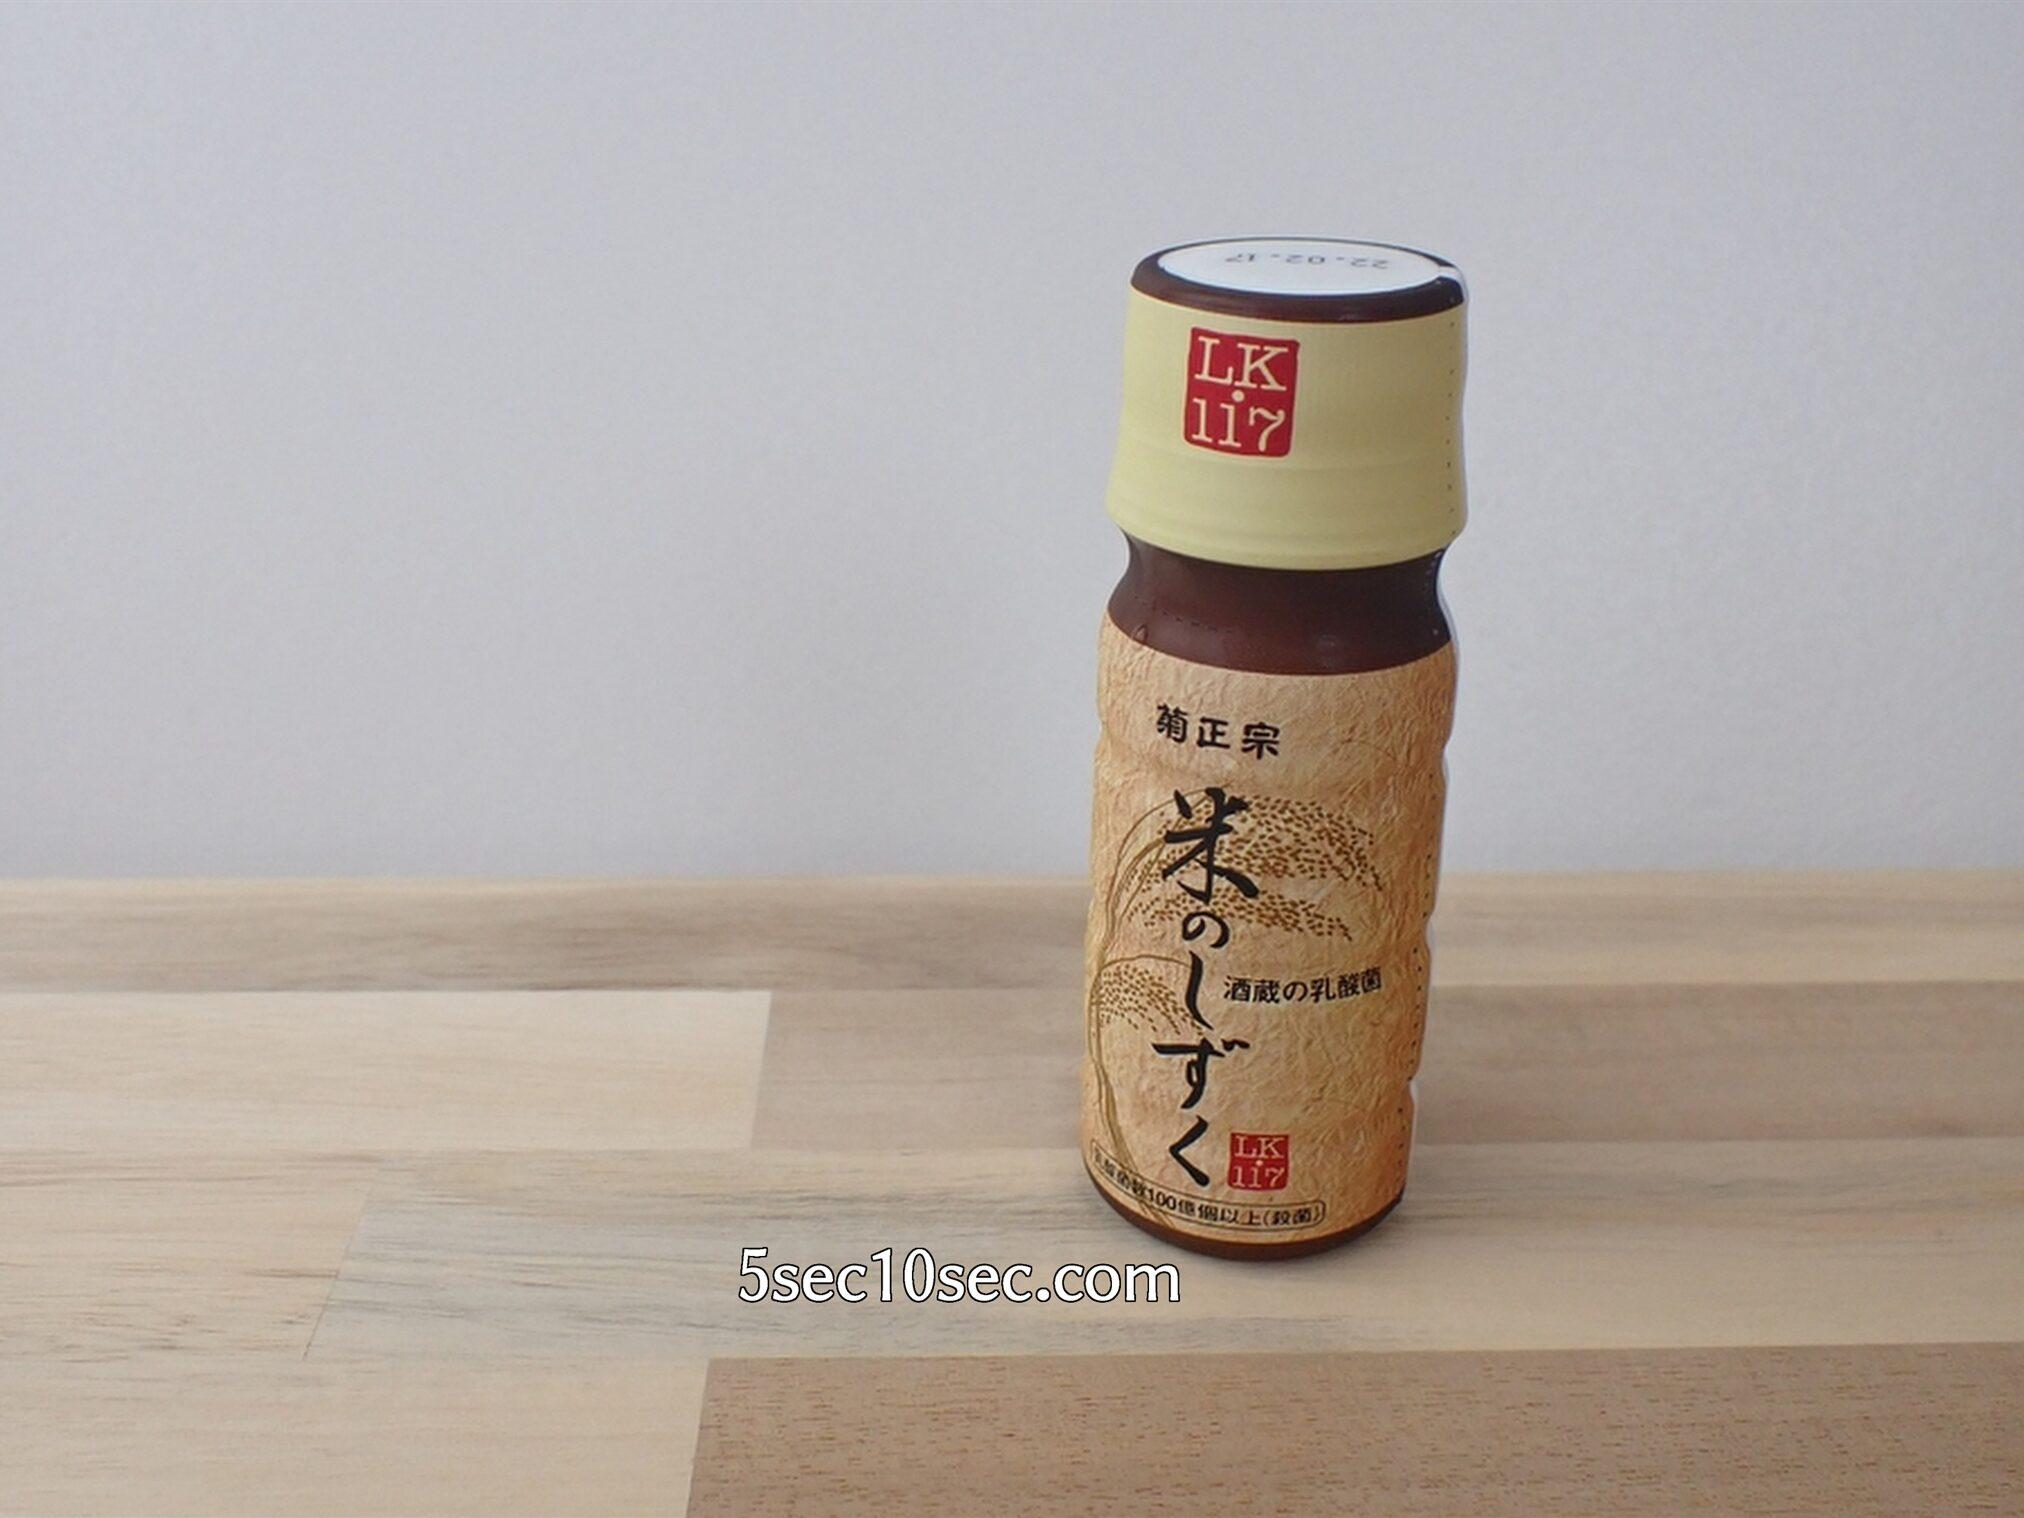 菊正宗酒造株式会社 乳酸菌「LK-117」配合 酒蔵の乳酸菌 米のしずく ドリンクタイプ 1本50mlの飲み切りやすい内容量です